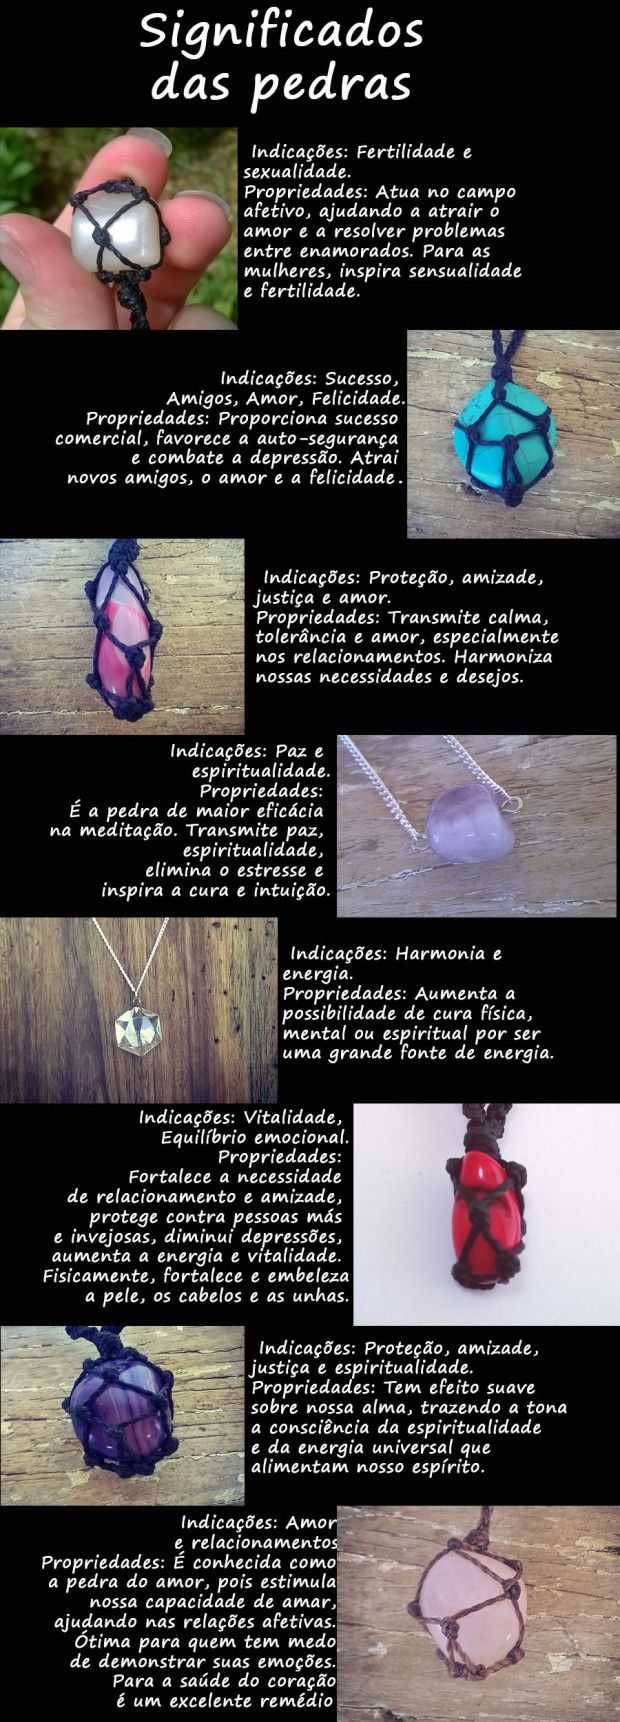 Post sobre significado das pedras preciosas lá no nosso Blog, confere! ;)